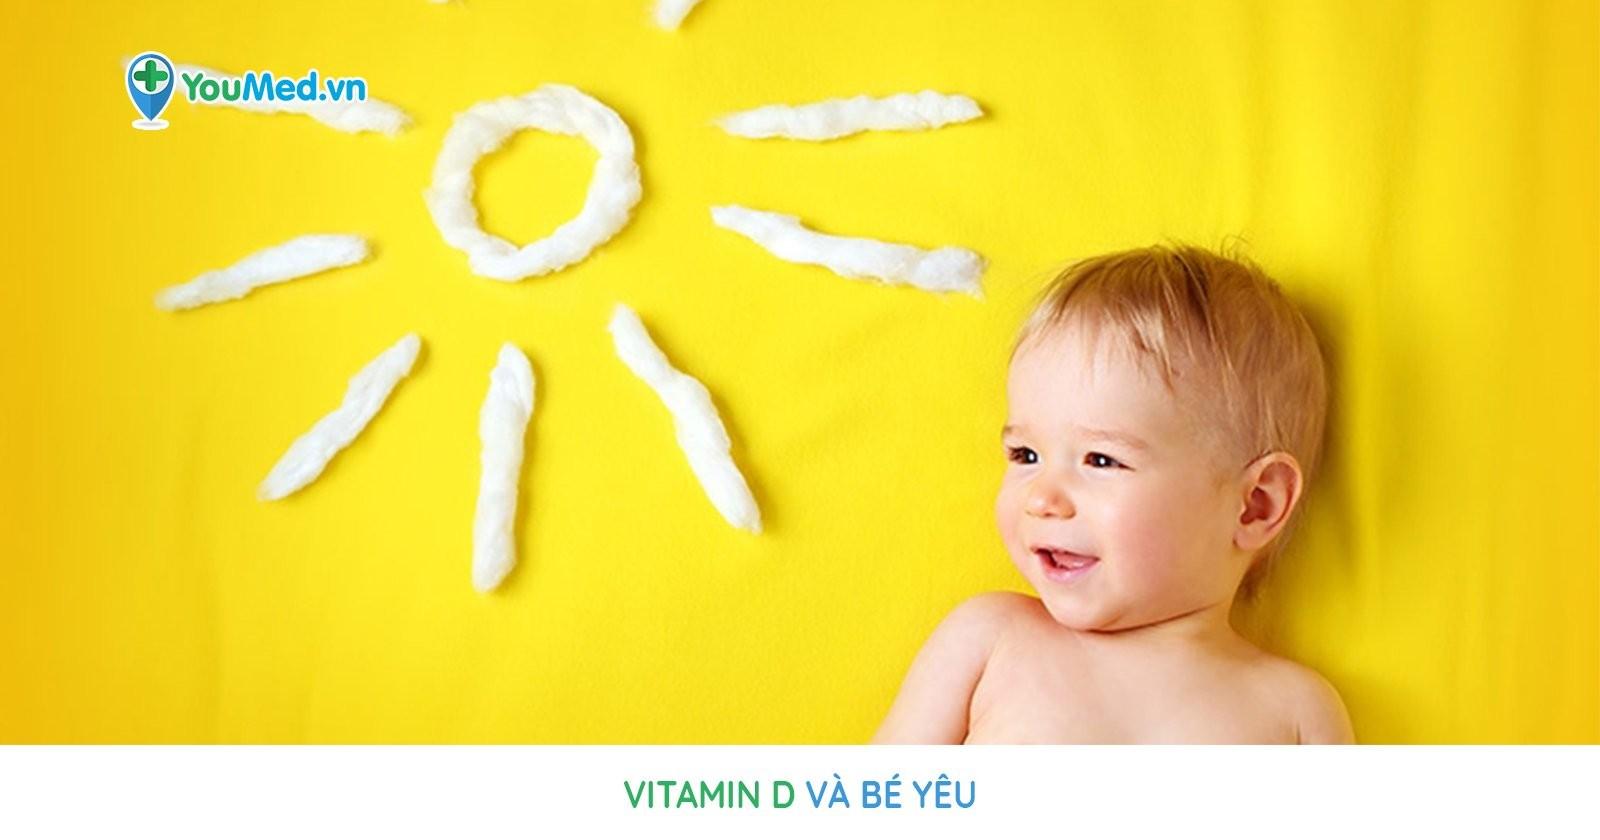 Vitamin D và bé yêu